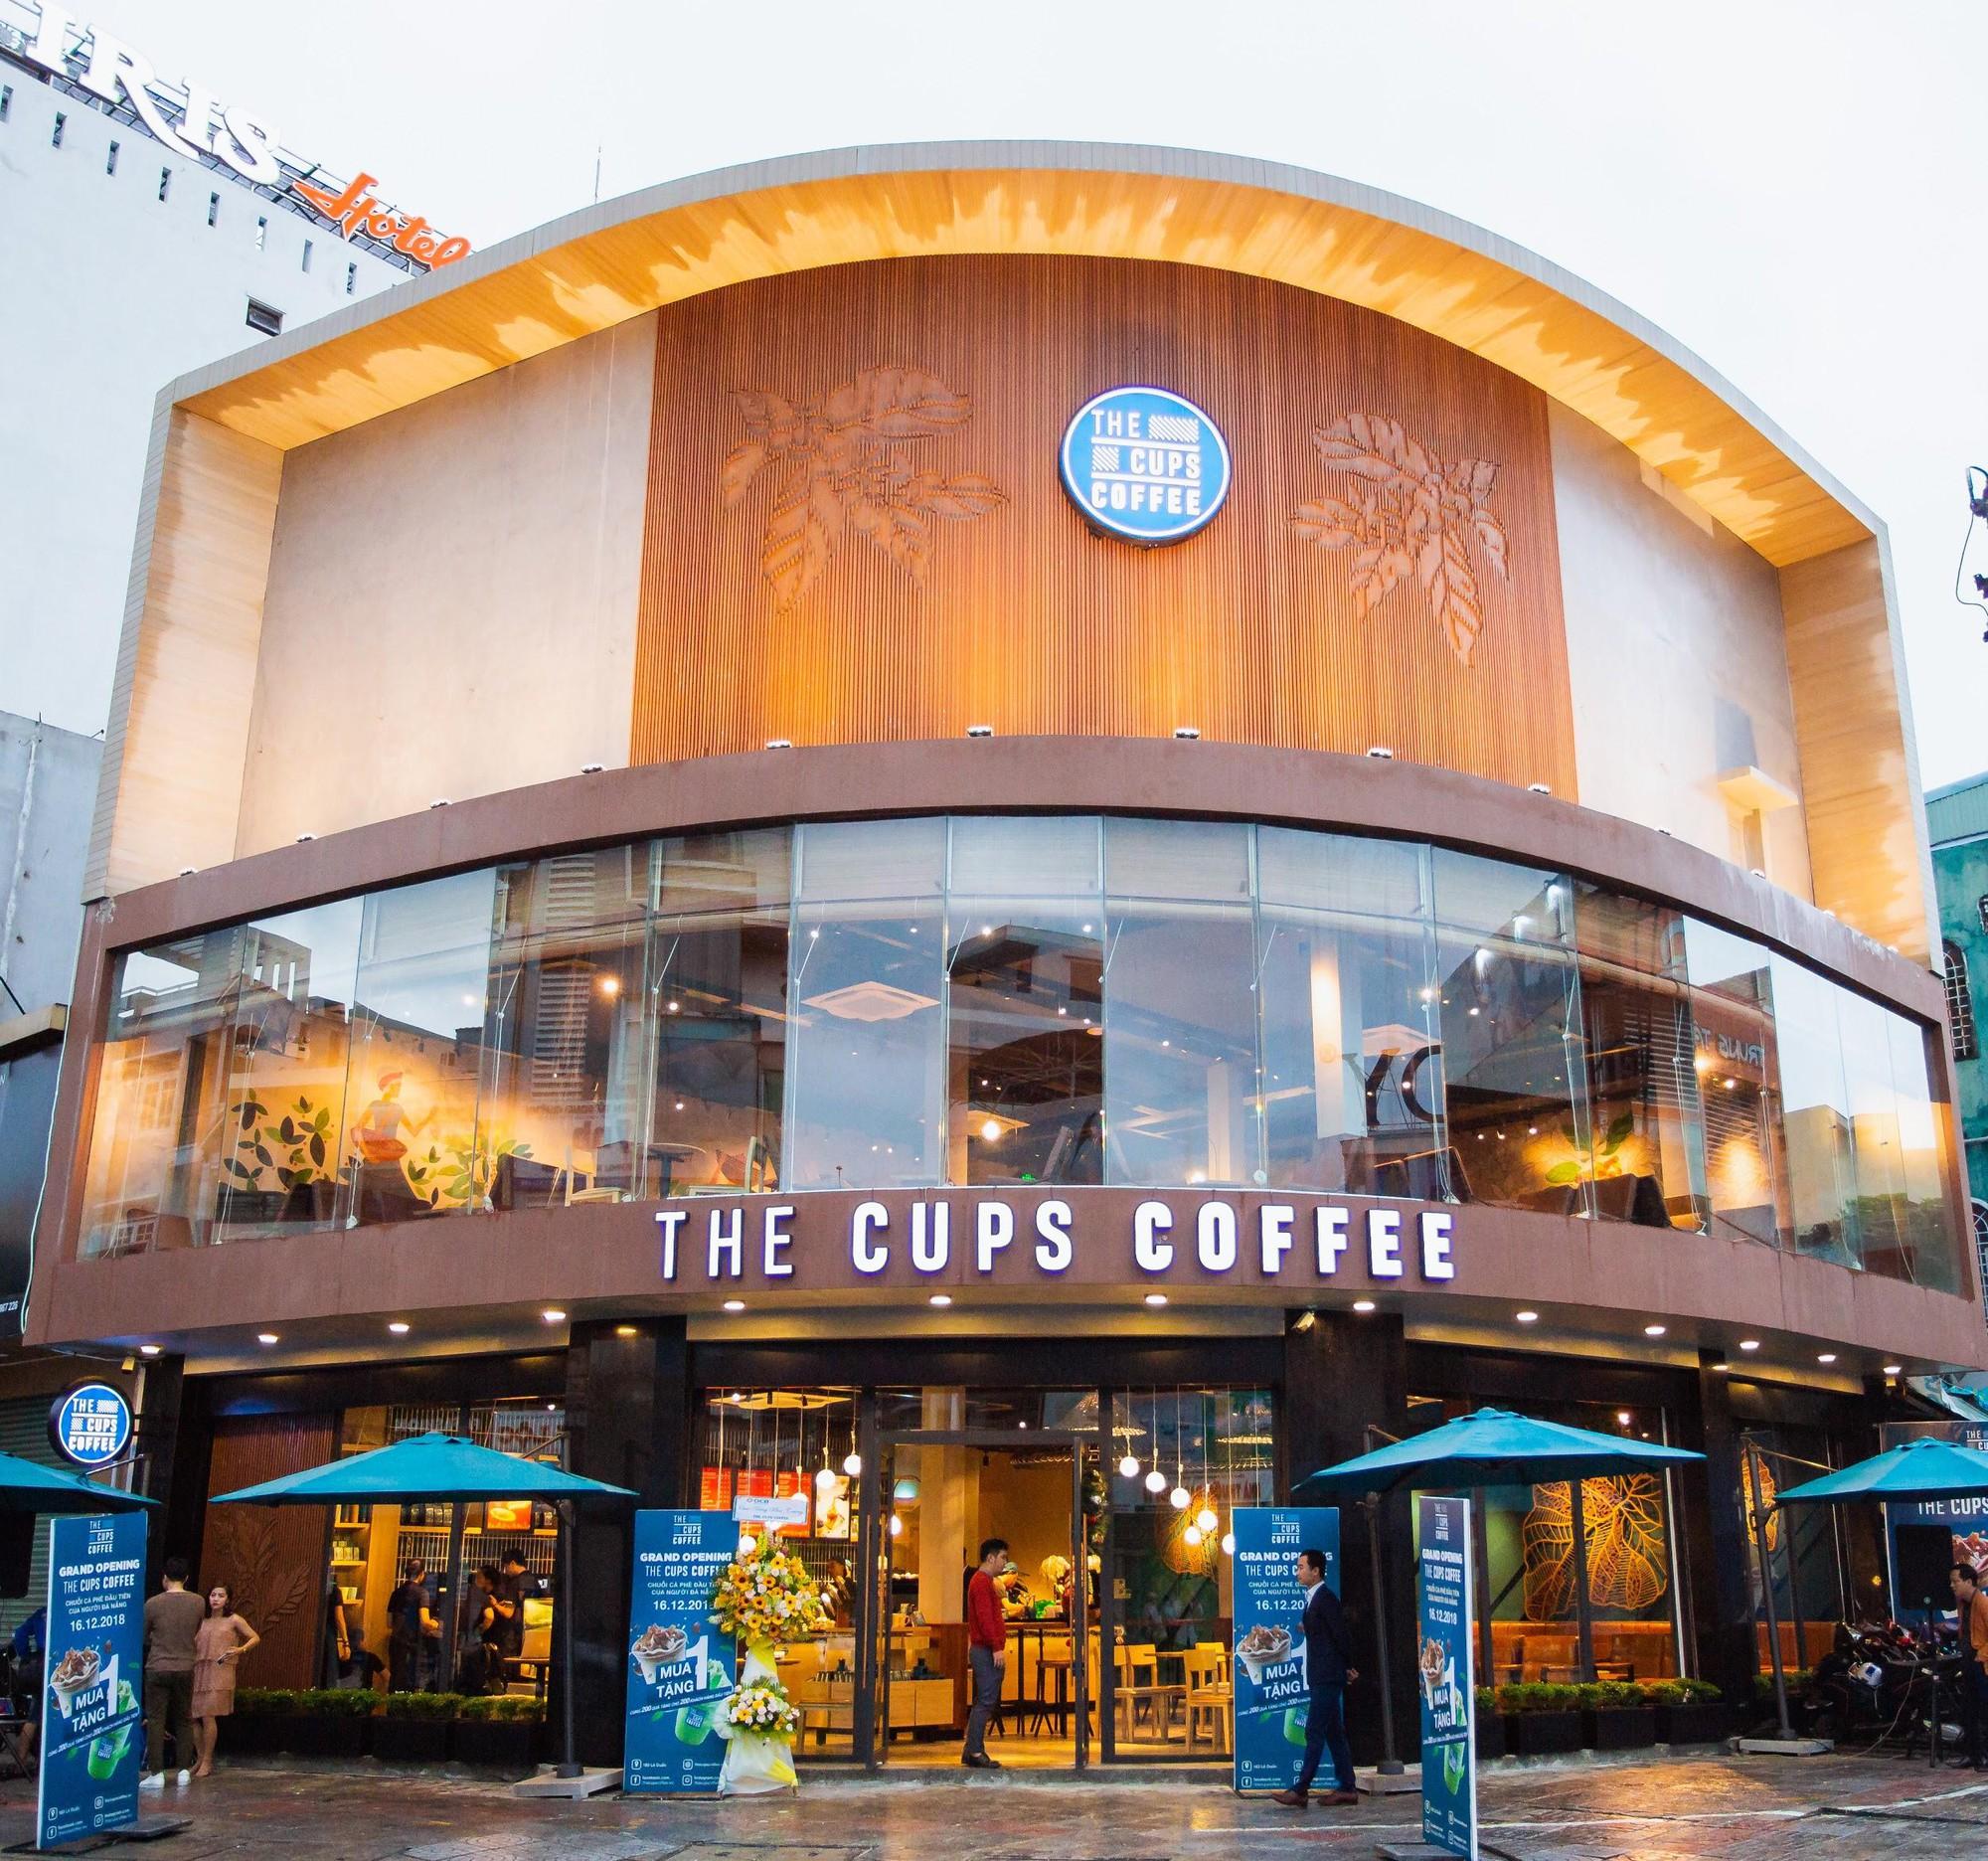 """Khám phá không gian chuỗi cửa hàng """"vạn người mê"""" của The Cups Coffe - Ảnh 2."""